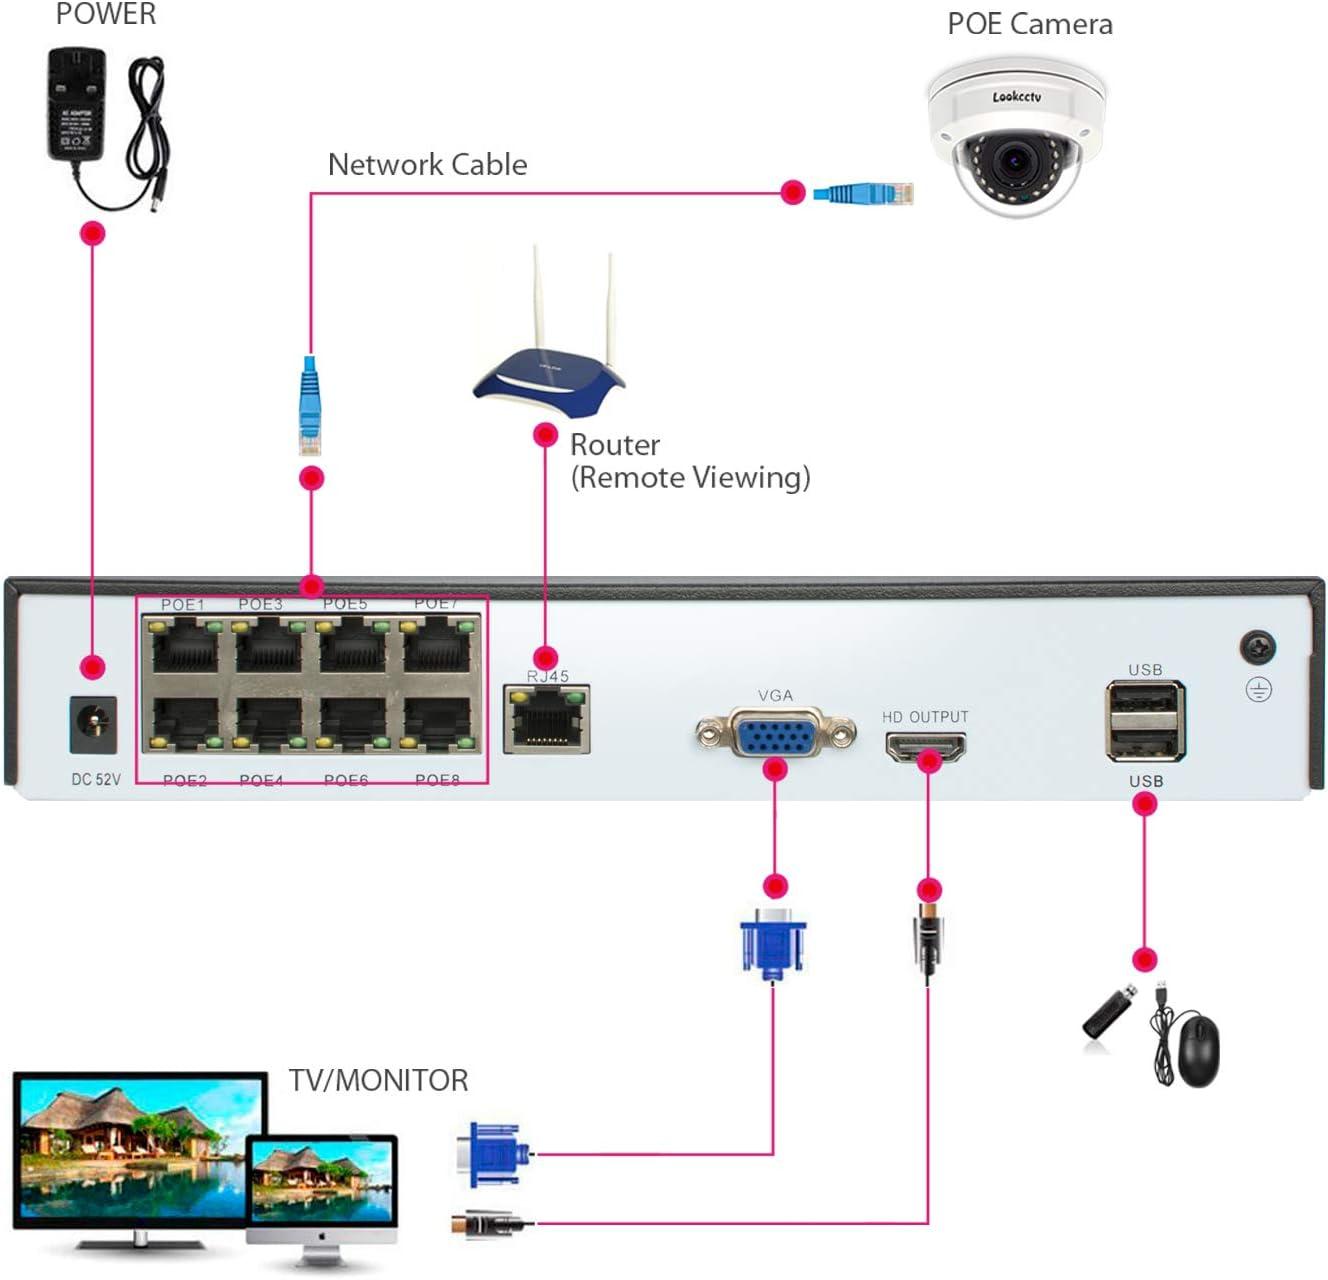 1080P lookcctv 9 canali con porte 4POE 5MP HD POE Security Videoregistratore di rete NVR VGA e HDMI NO disco rigido avvisi APP//e-mail 4MP Onvif supporto 5MP